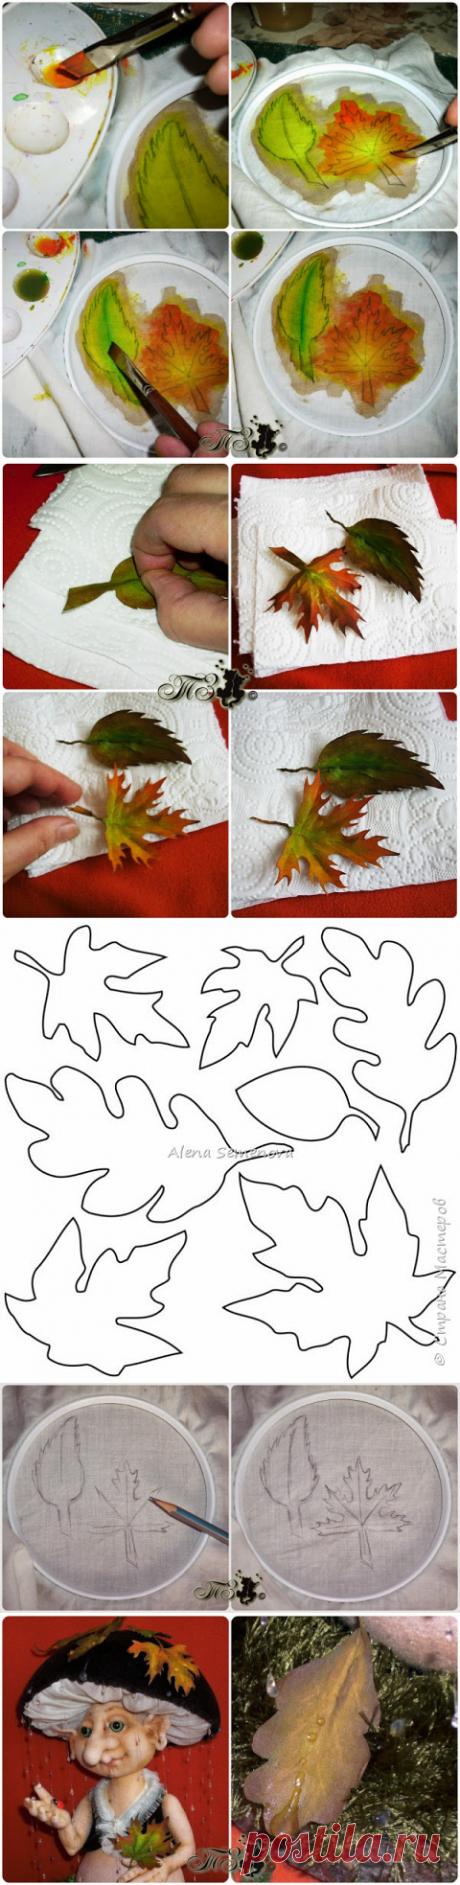 Мини-МК «Осенние листья из ткани» (вариант 2) автор Танечка Зуева